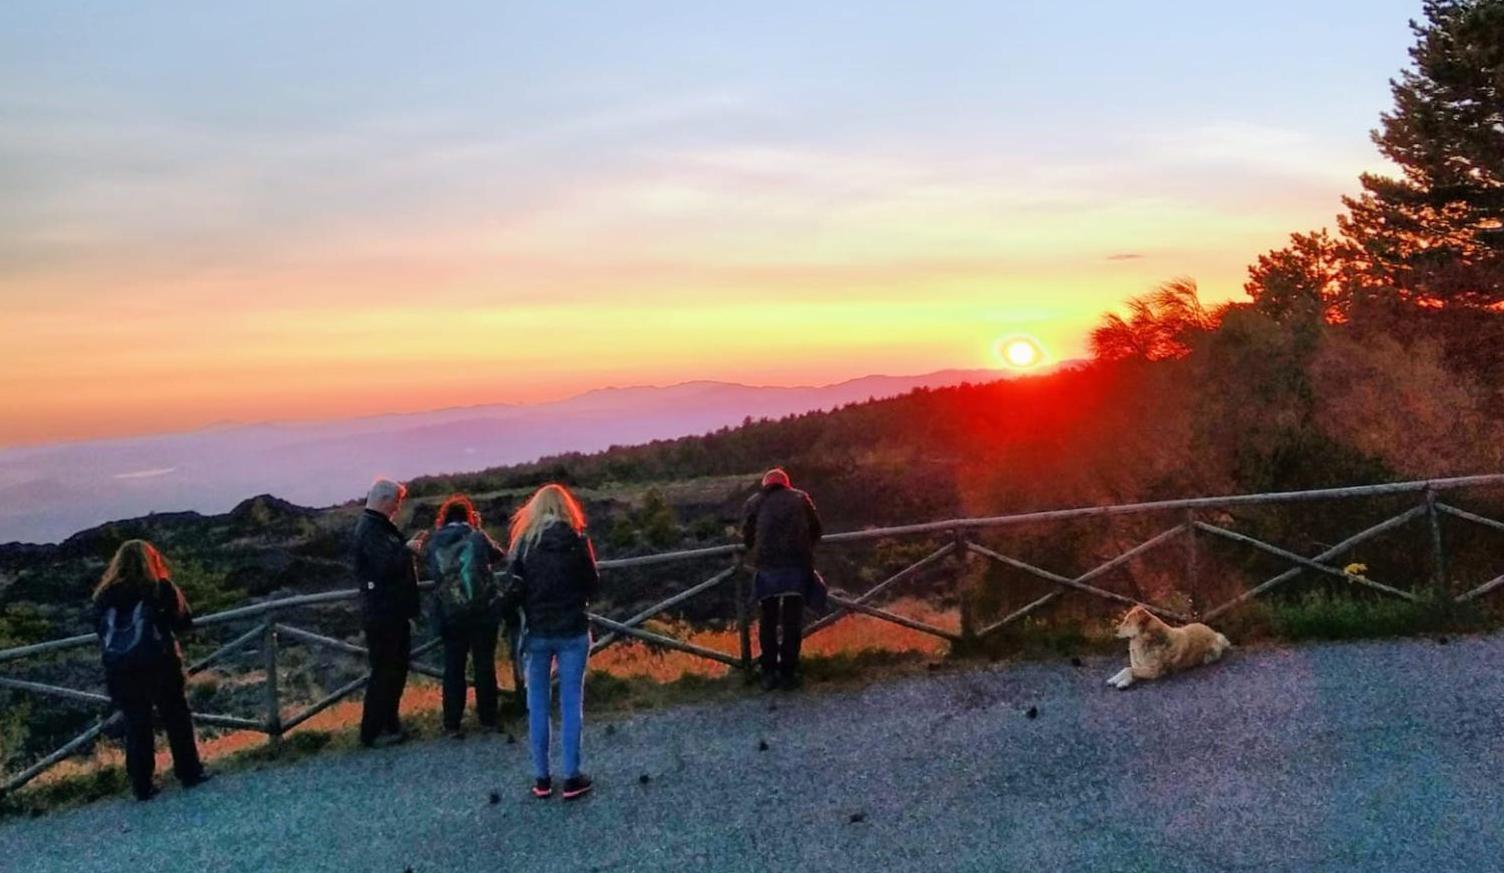 morning-sunset-1584475715.jpg